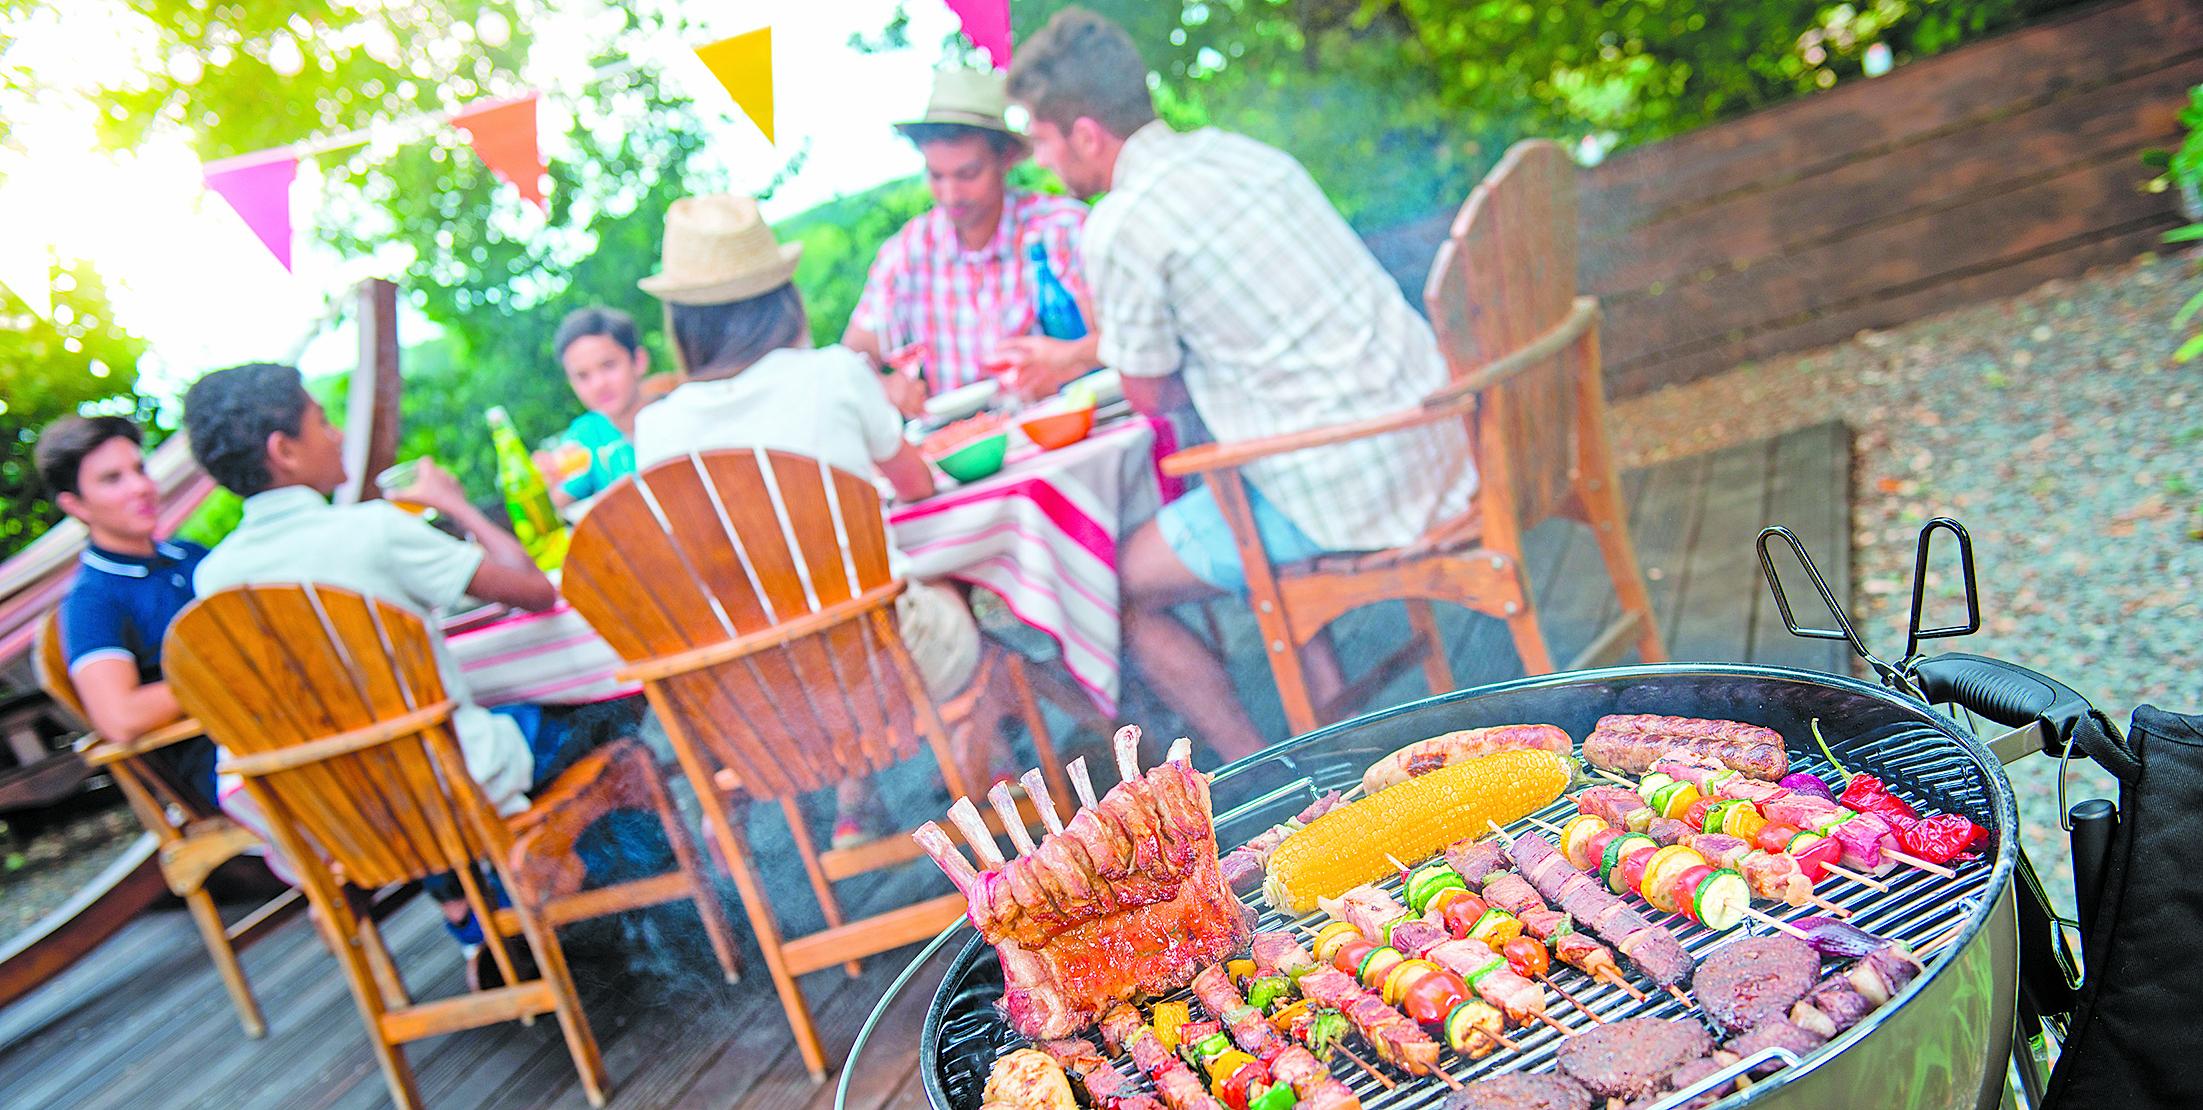 烤肉聚會,是令人愉快的美食活動。